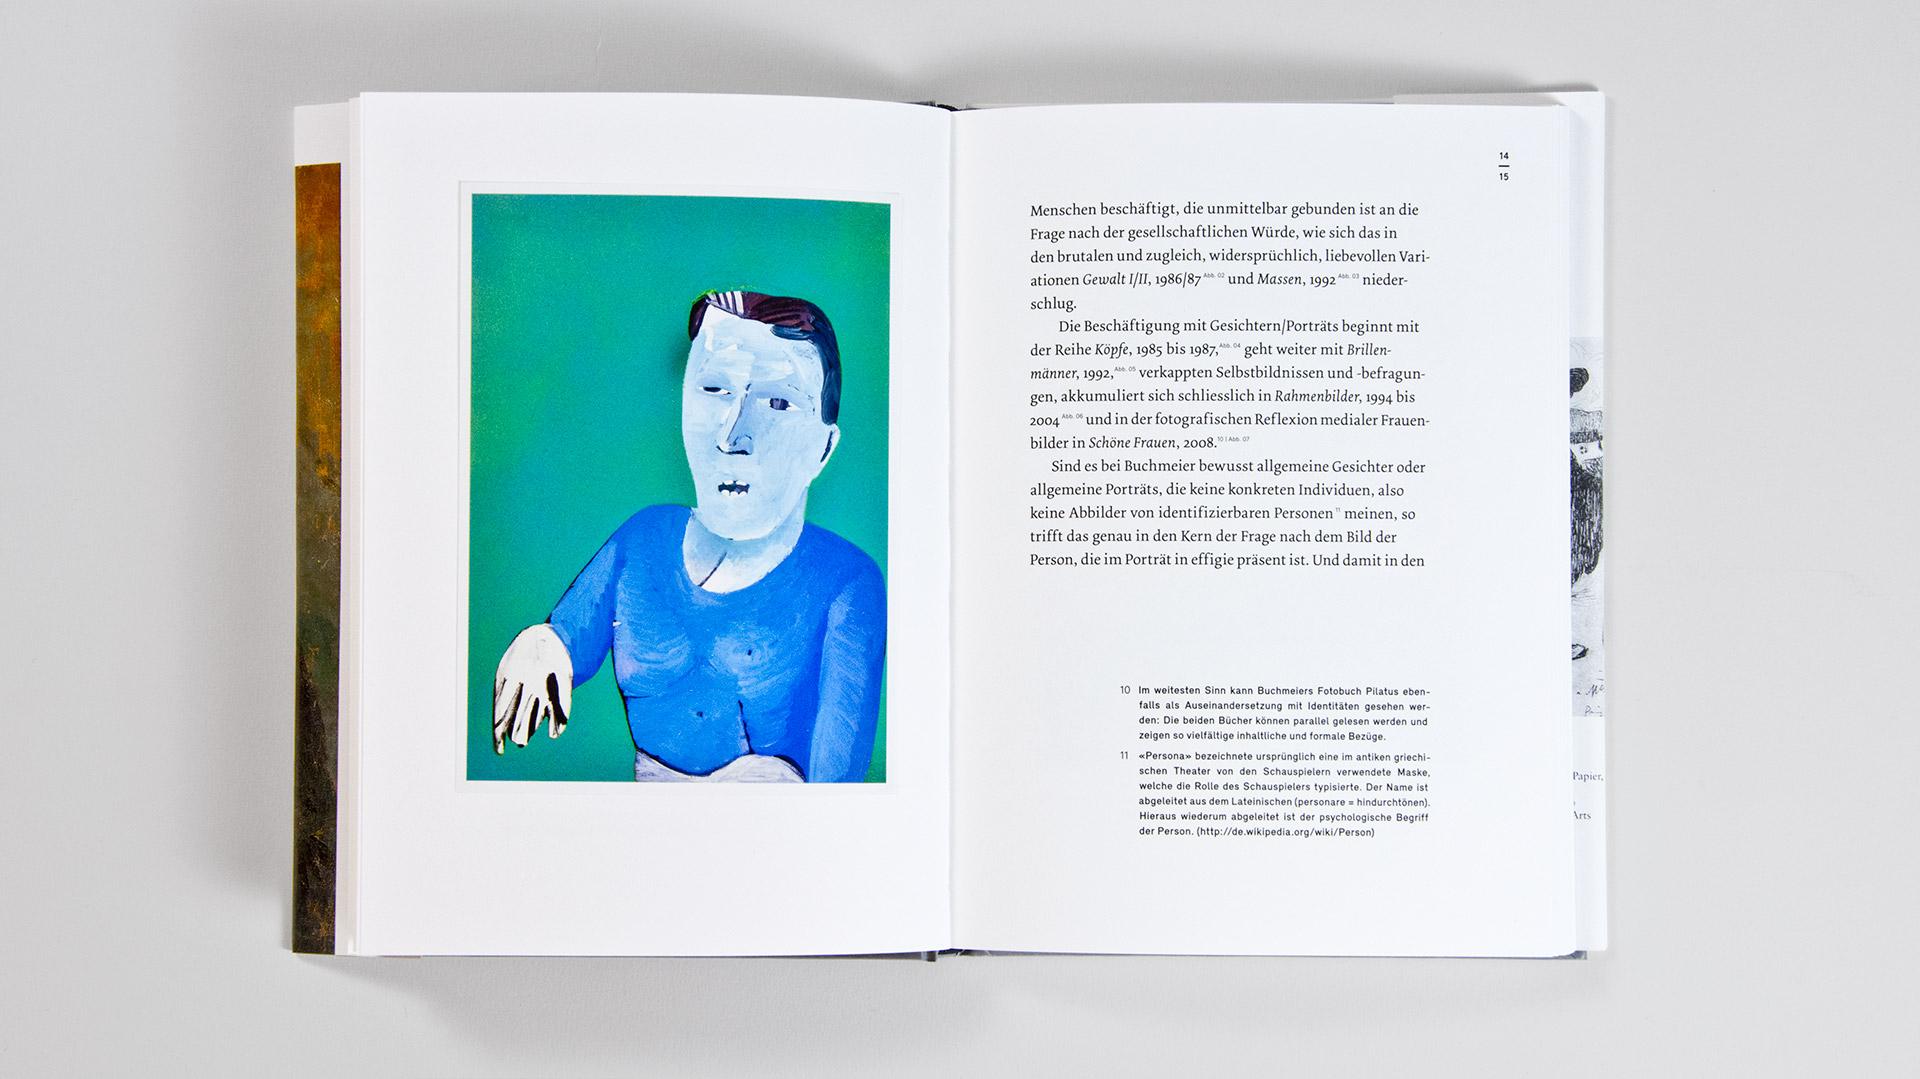 equipe-visuelle-luzern-emmenbruecke-grafik-editorial-buch-gestaltung-postpicasso-hansjuerg-buchmeier-edition-typoundso